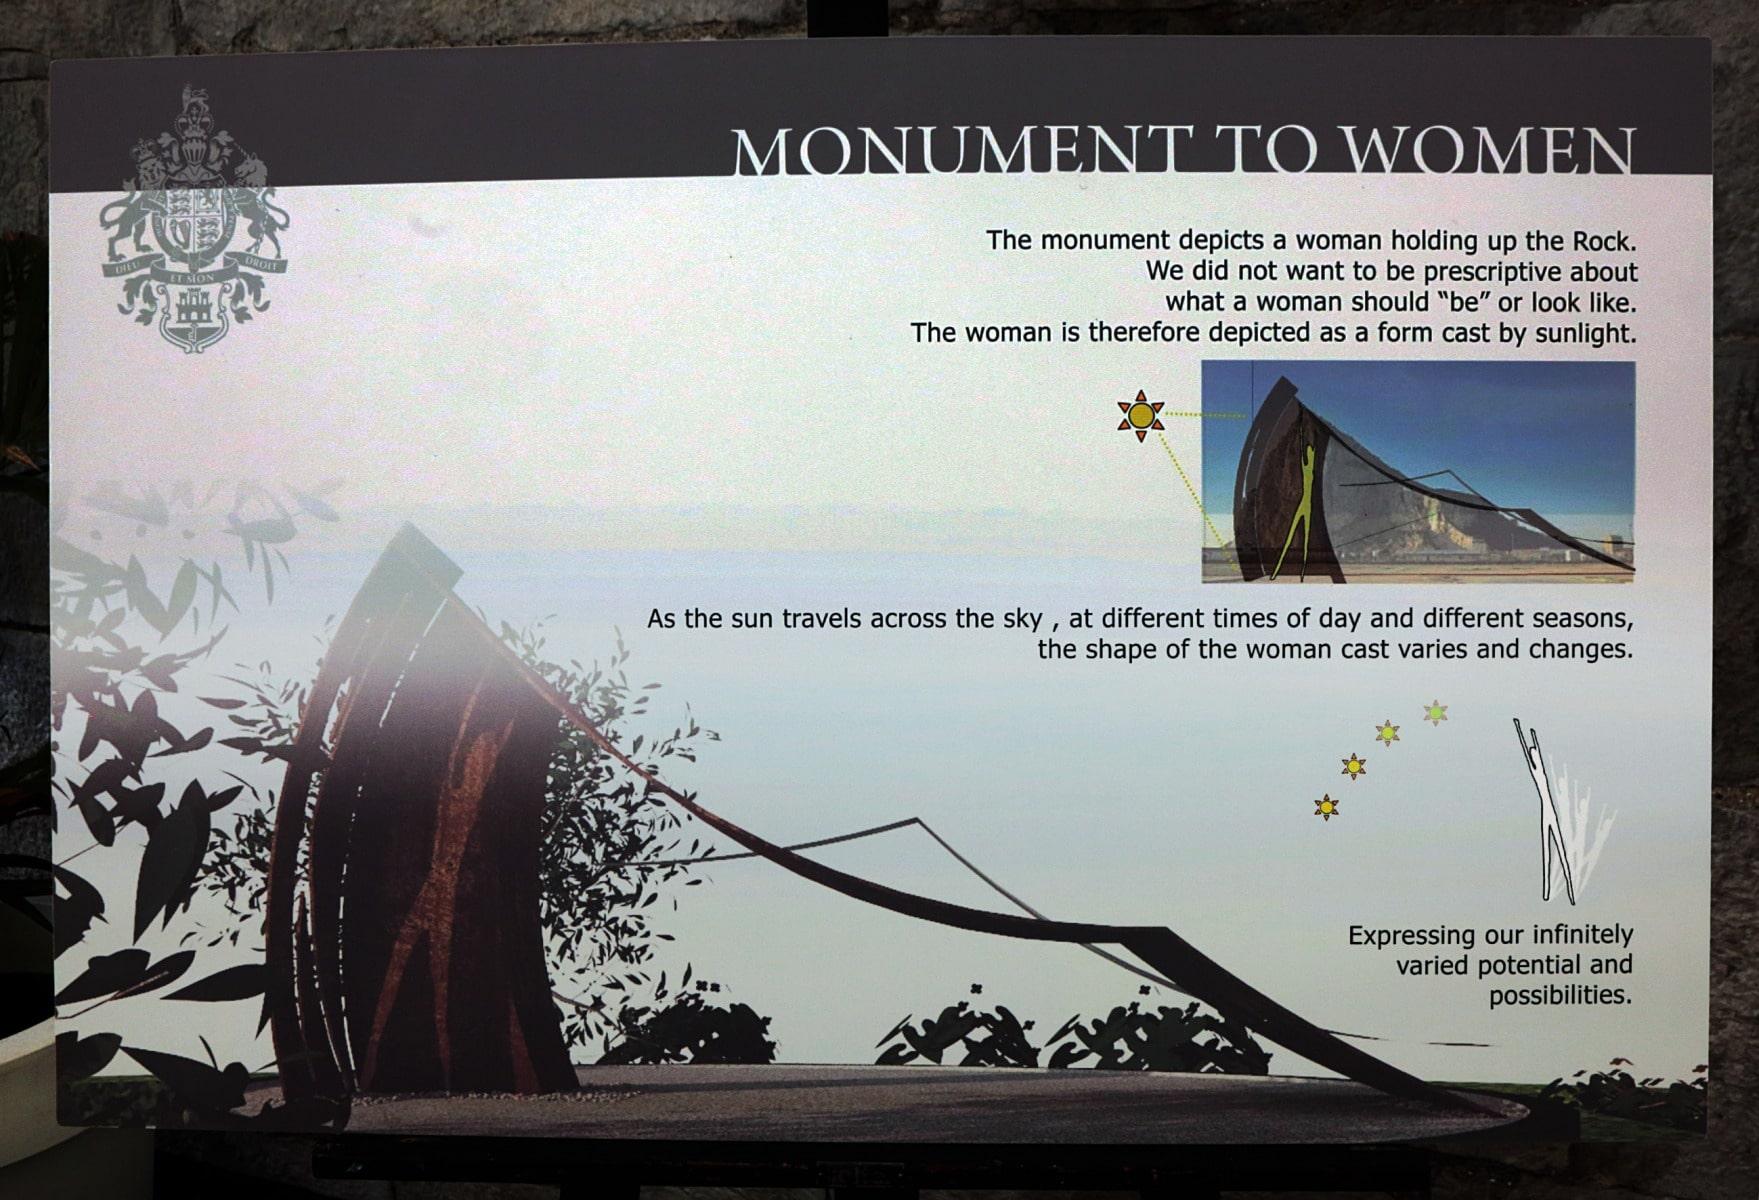 inauguracin-del-monumento-a-la-mujer-en-gibraltar_30656122113_o